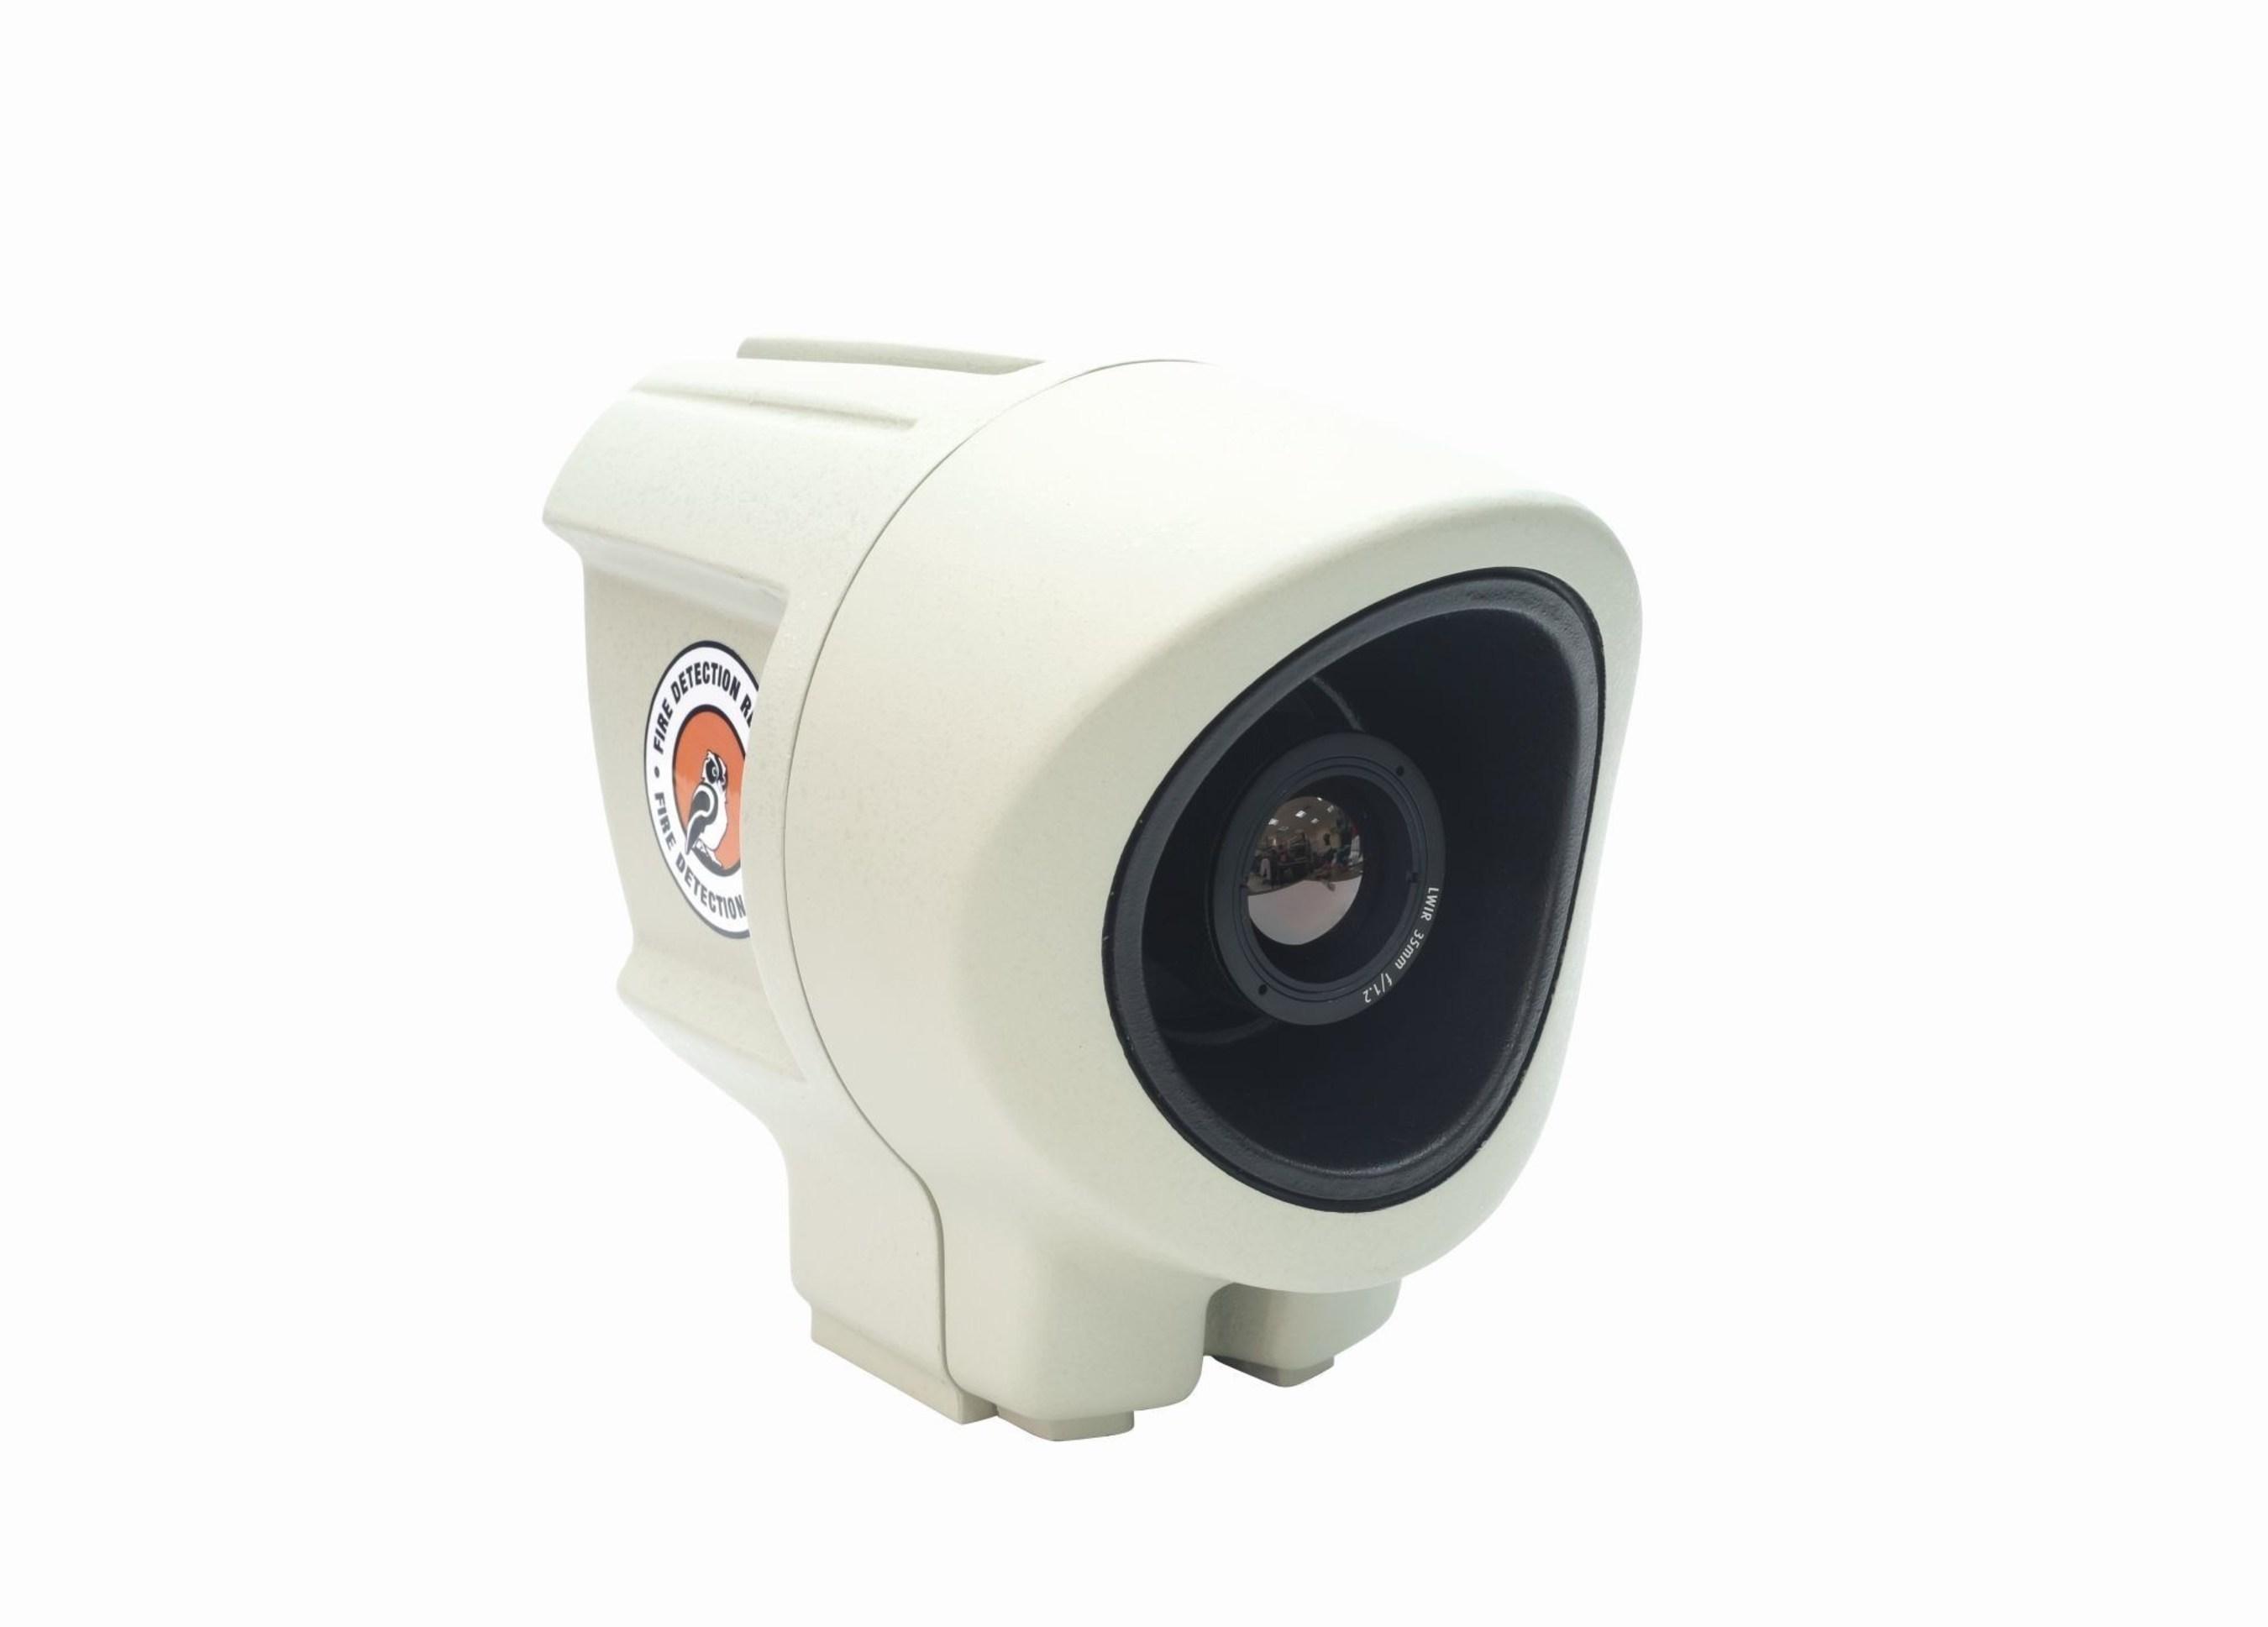 Sii AT Thermal Camera (PRNewsFoto/Opgal) (PRNewsFoto/Opgal)